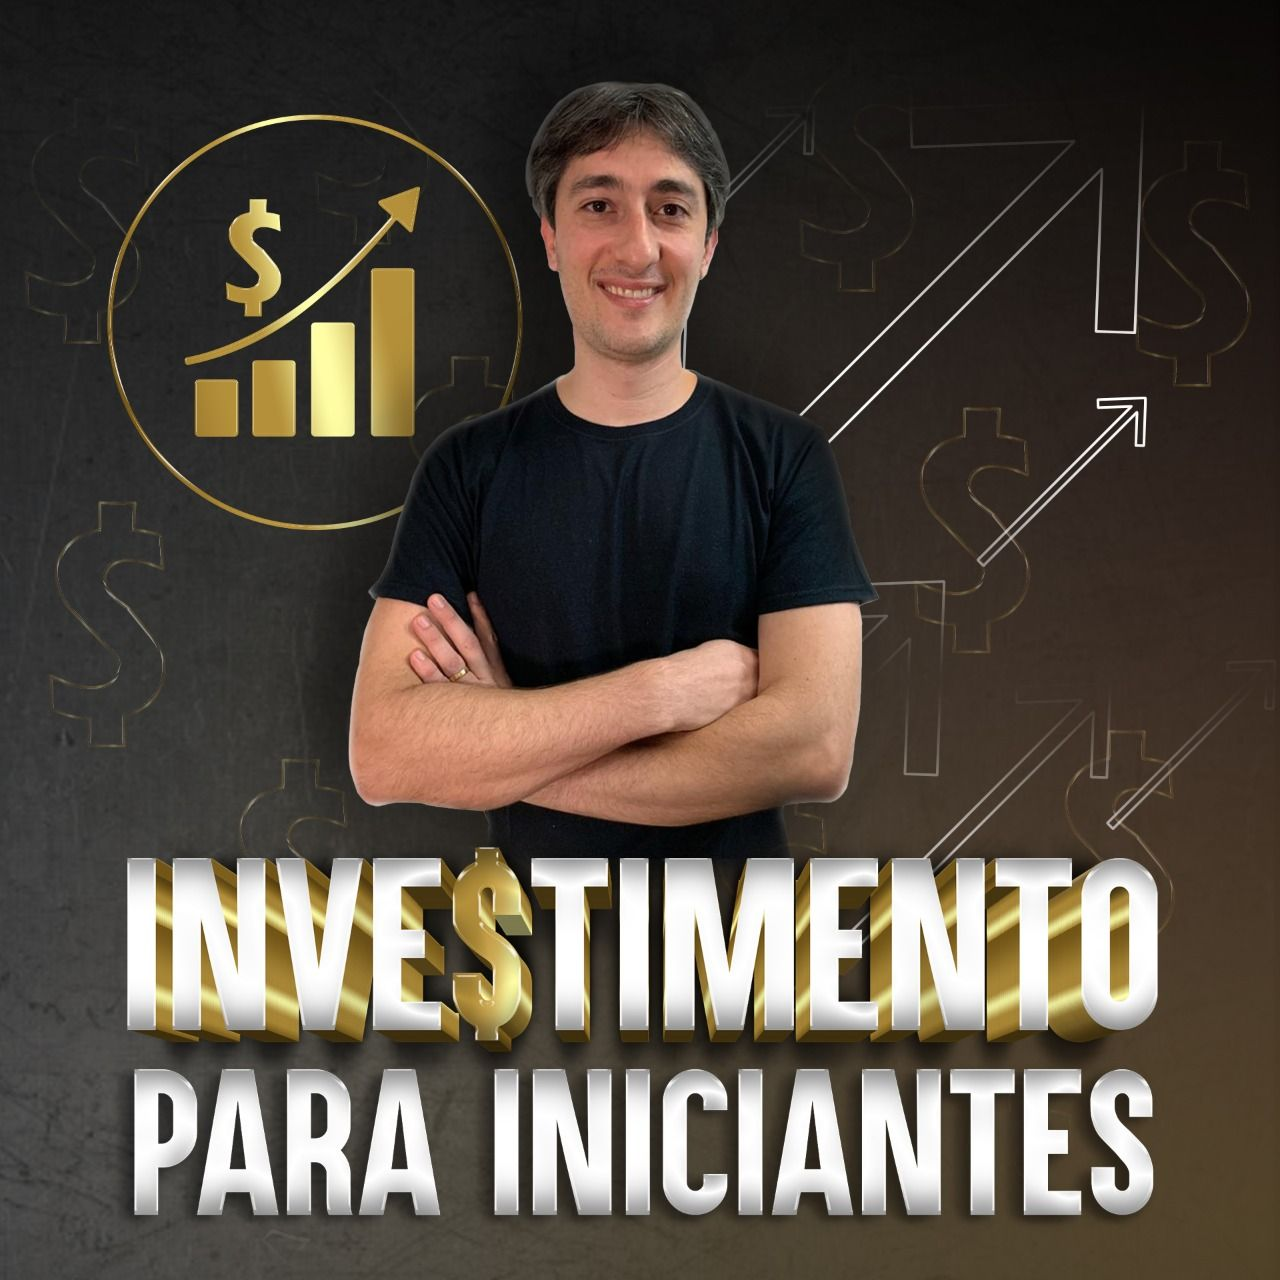 Investimento para iniciantes